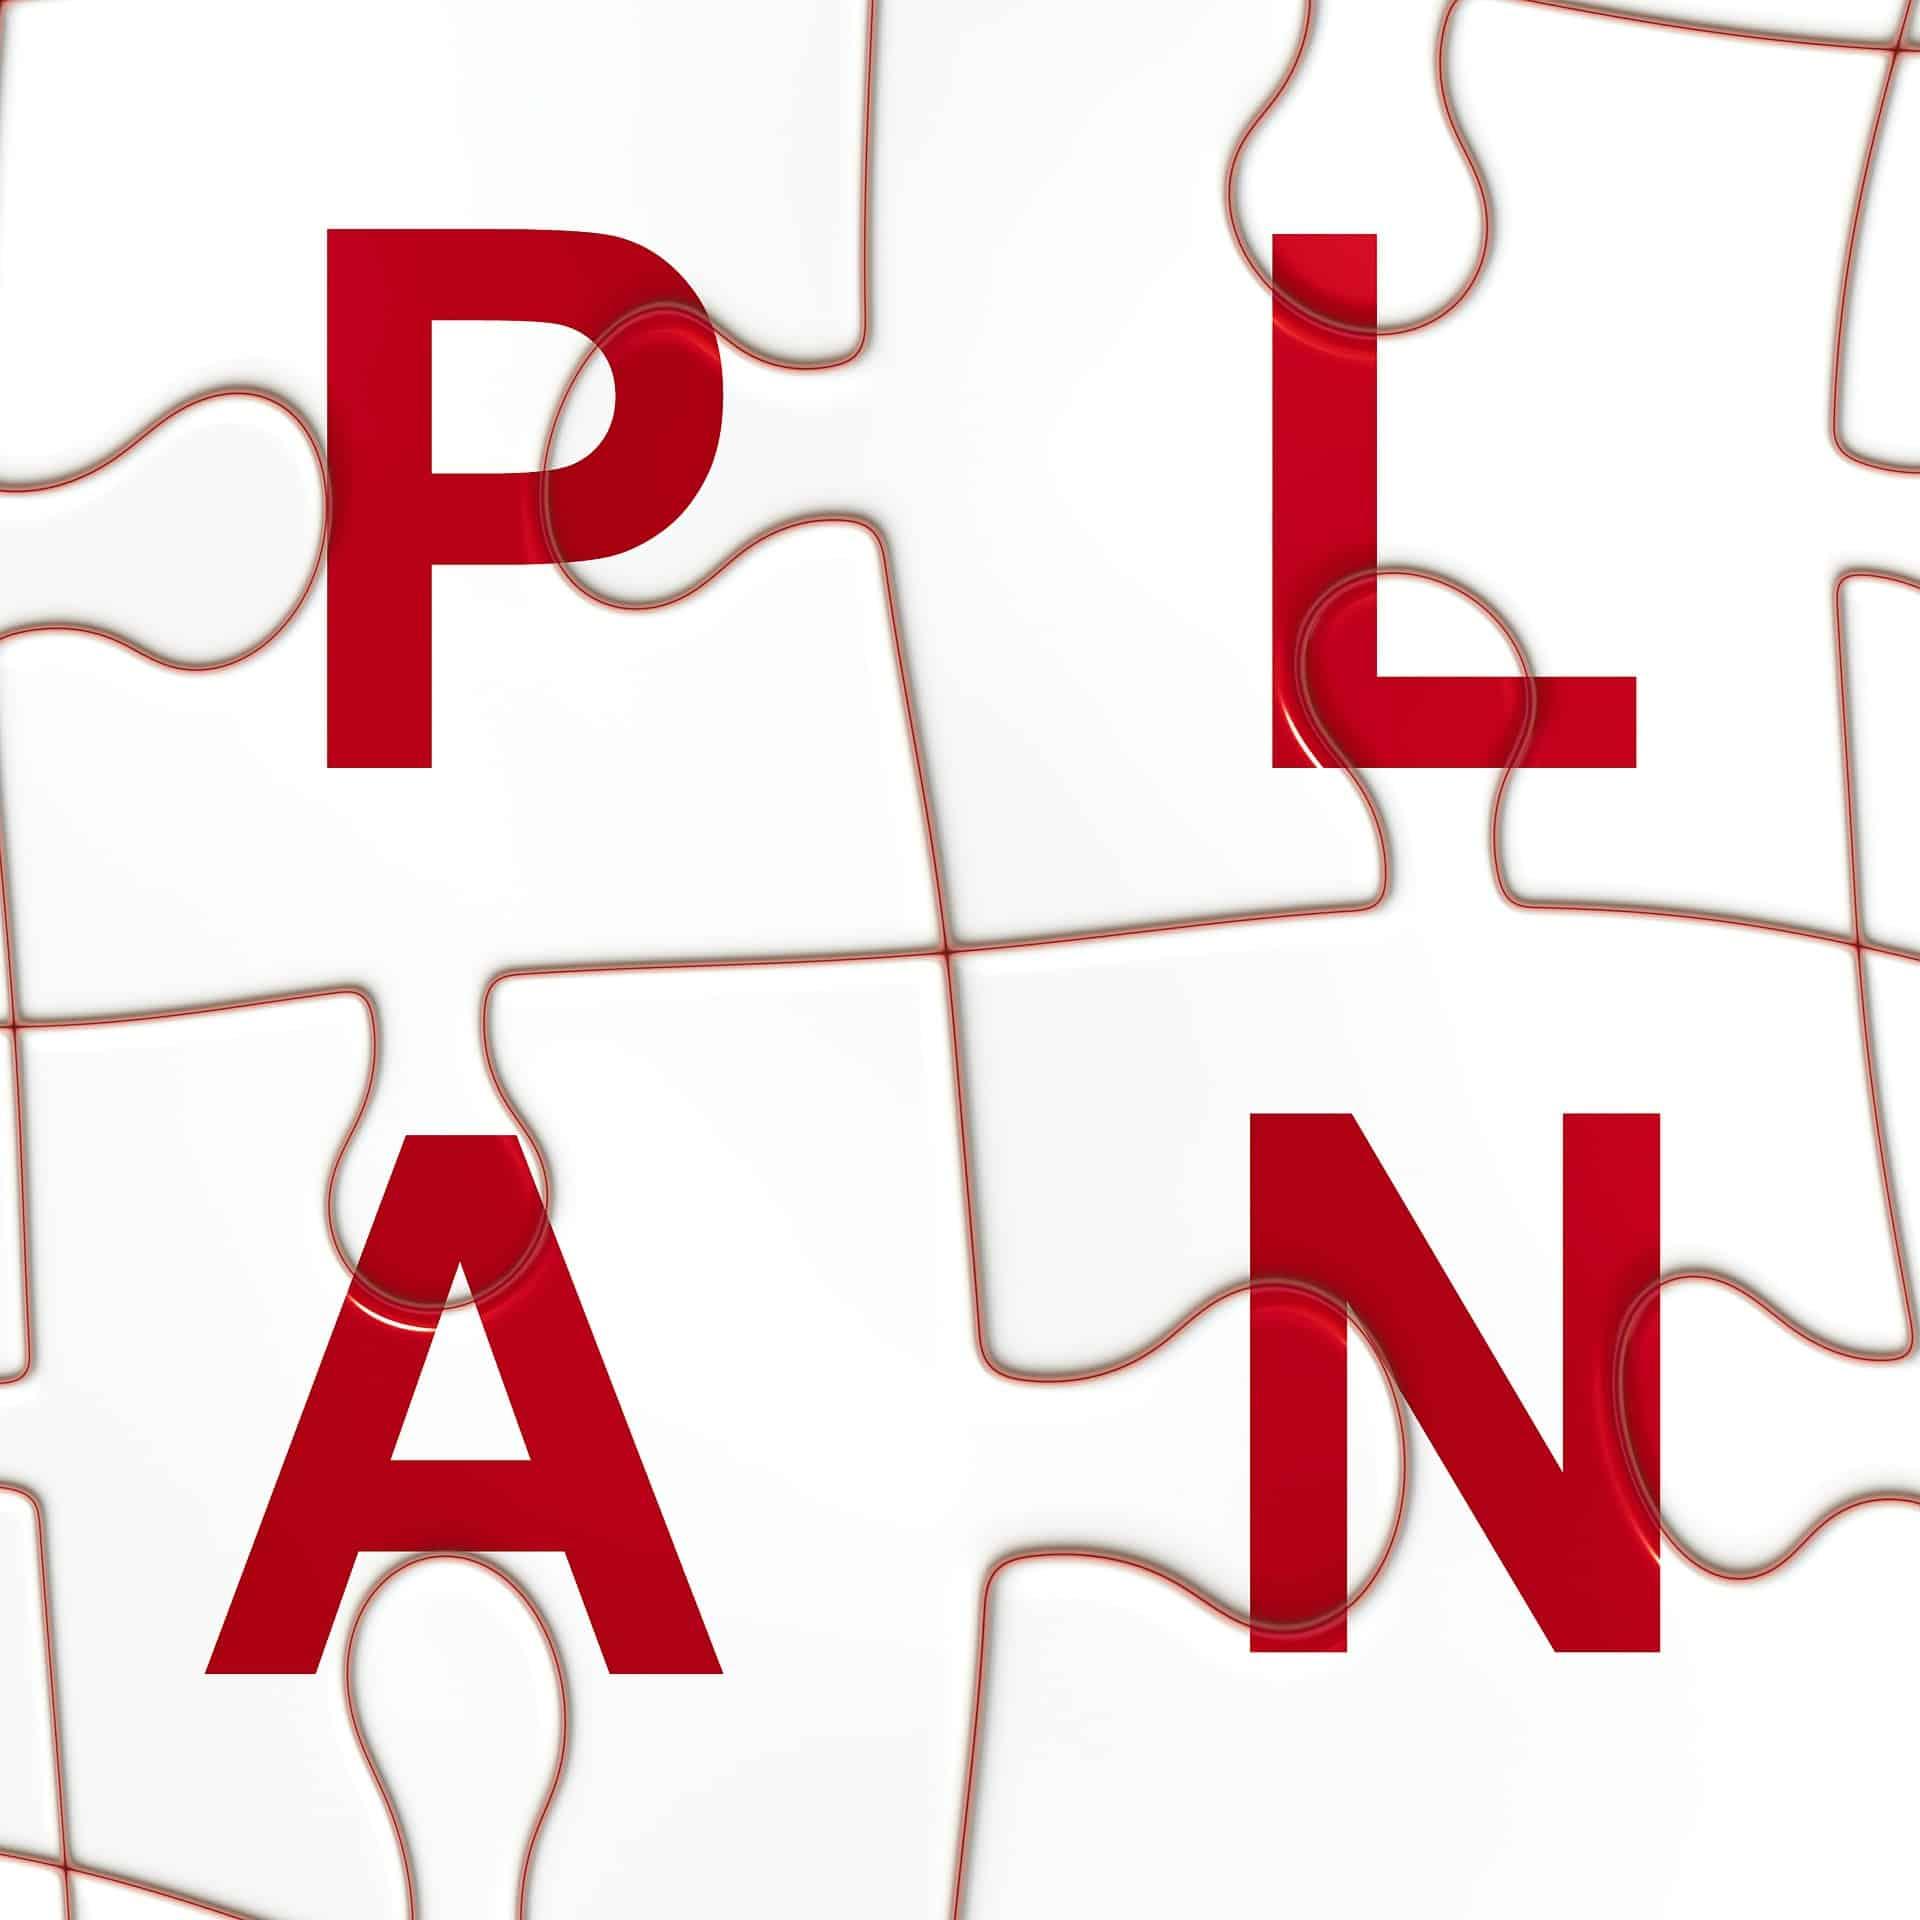 Neue Versicherungsprodukte – Welche Chancen für Produktentwicklung gibt es